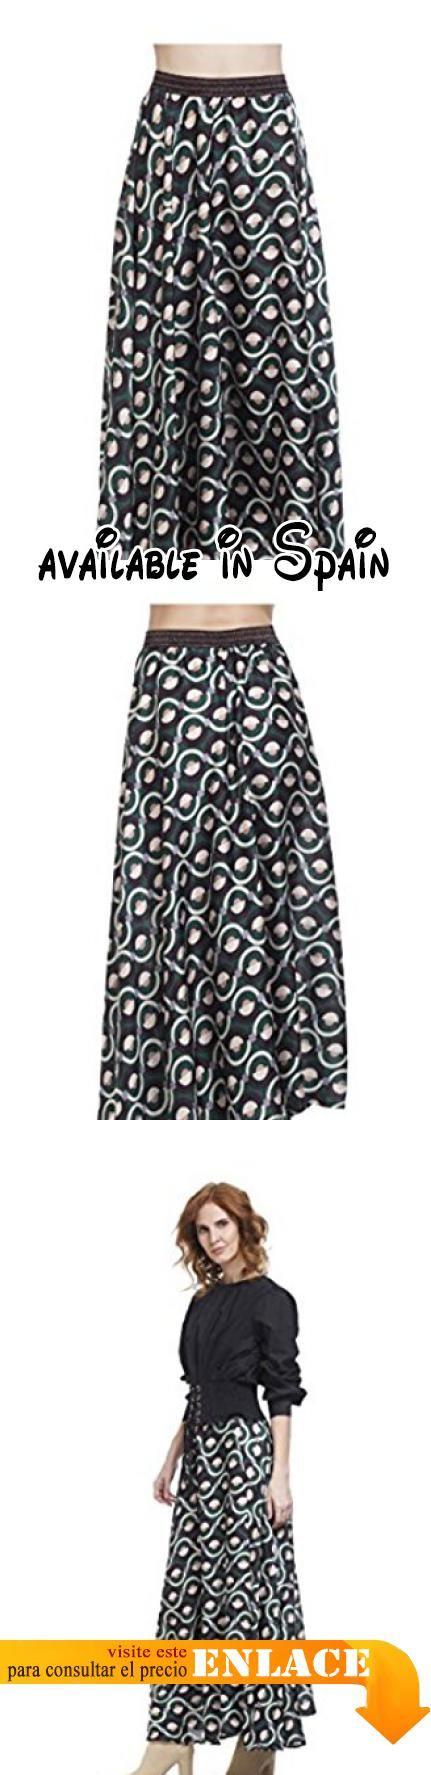 B076H8FKCN : TANTRA - Falda ROMINA - Mujer - UNICO - Verde. Falda larga estampada. Con elástico en la cintura. Efecto asimétrico. Acabado con solapa. Longitud 120cm